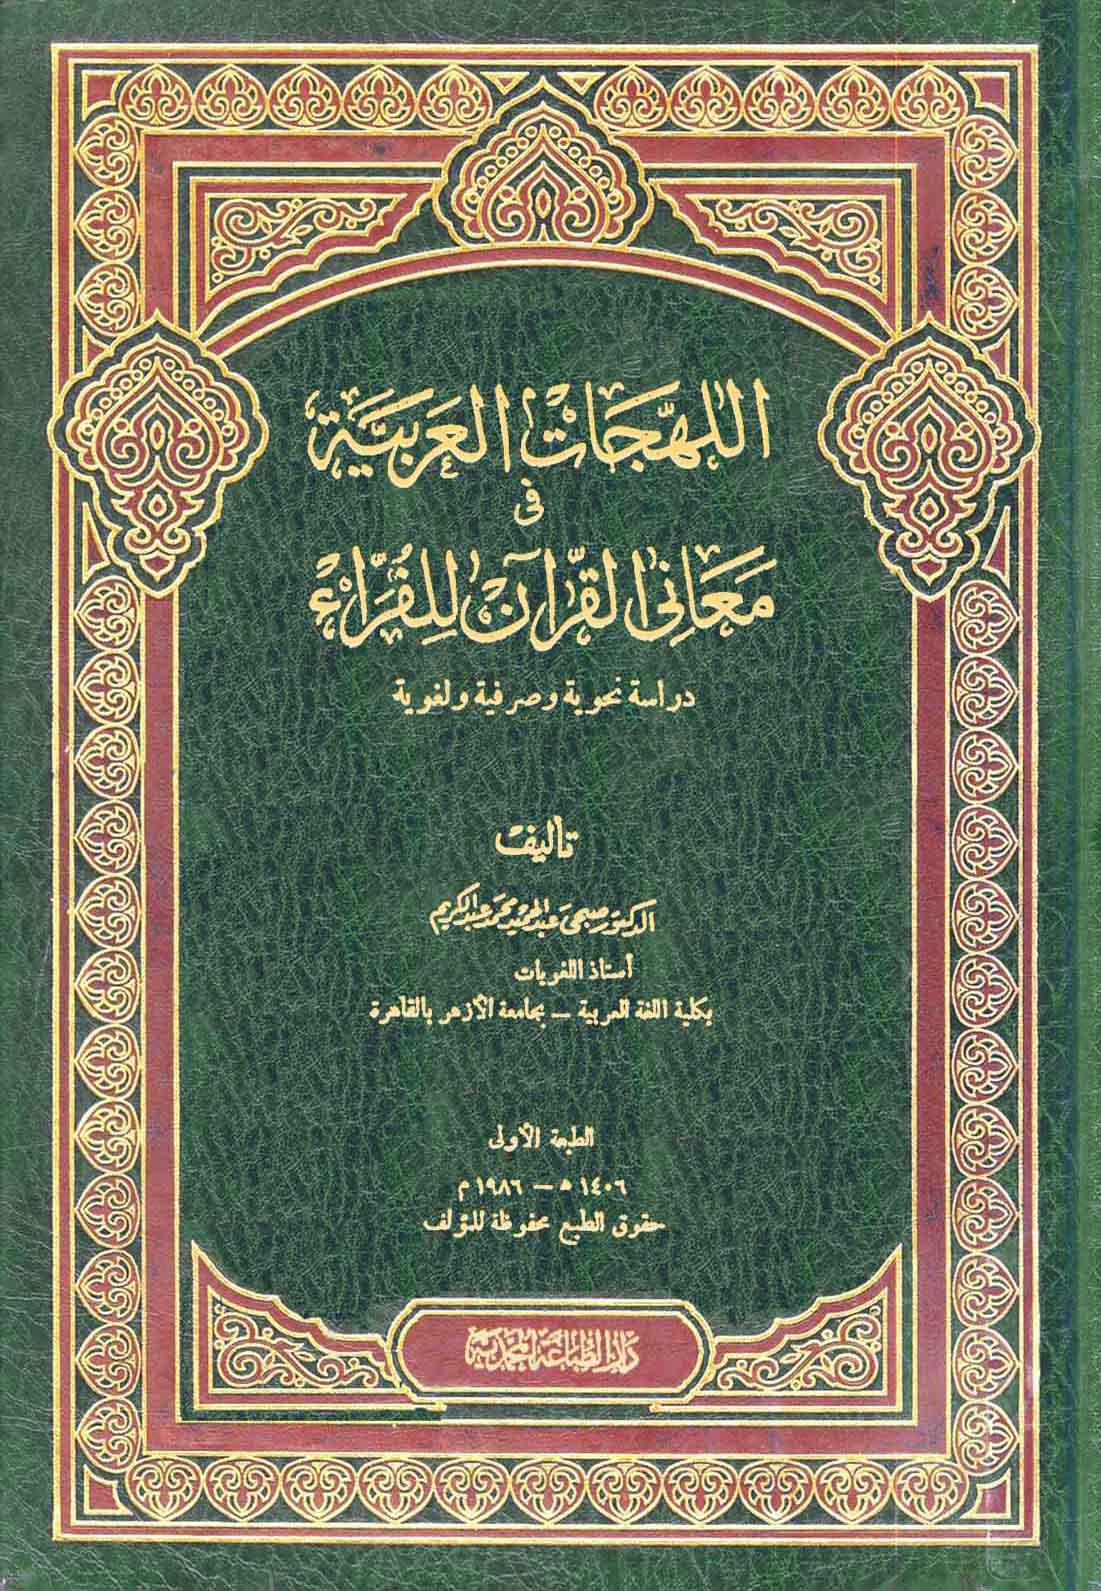 تحميل كتاب اللهجات العربية في «معاني القرآن» للفراء (دراسة نحوية وصرفية ولغوية) لـِ: الدكتور صبحي عبد الحميد محمد عبد الكريم